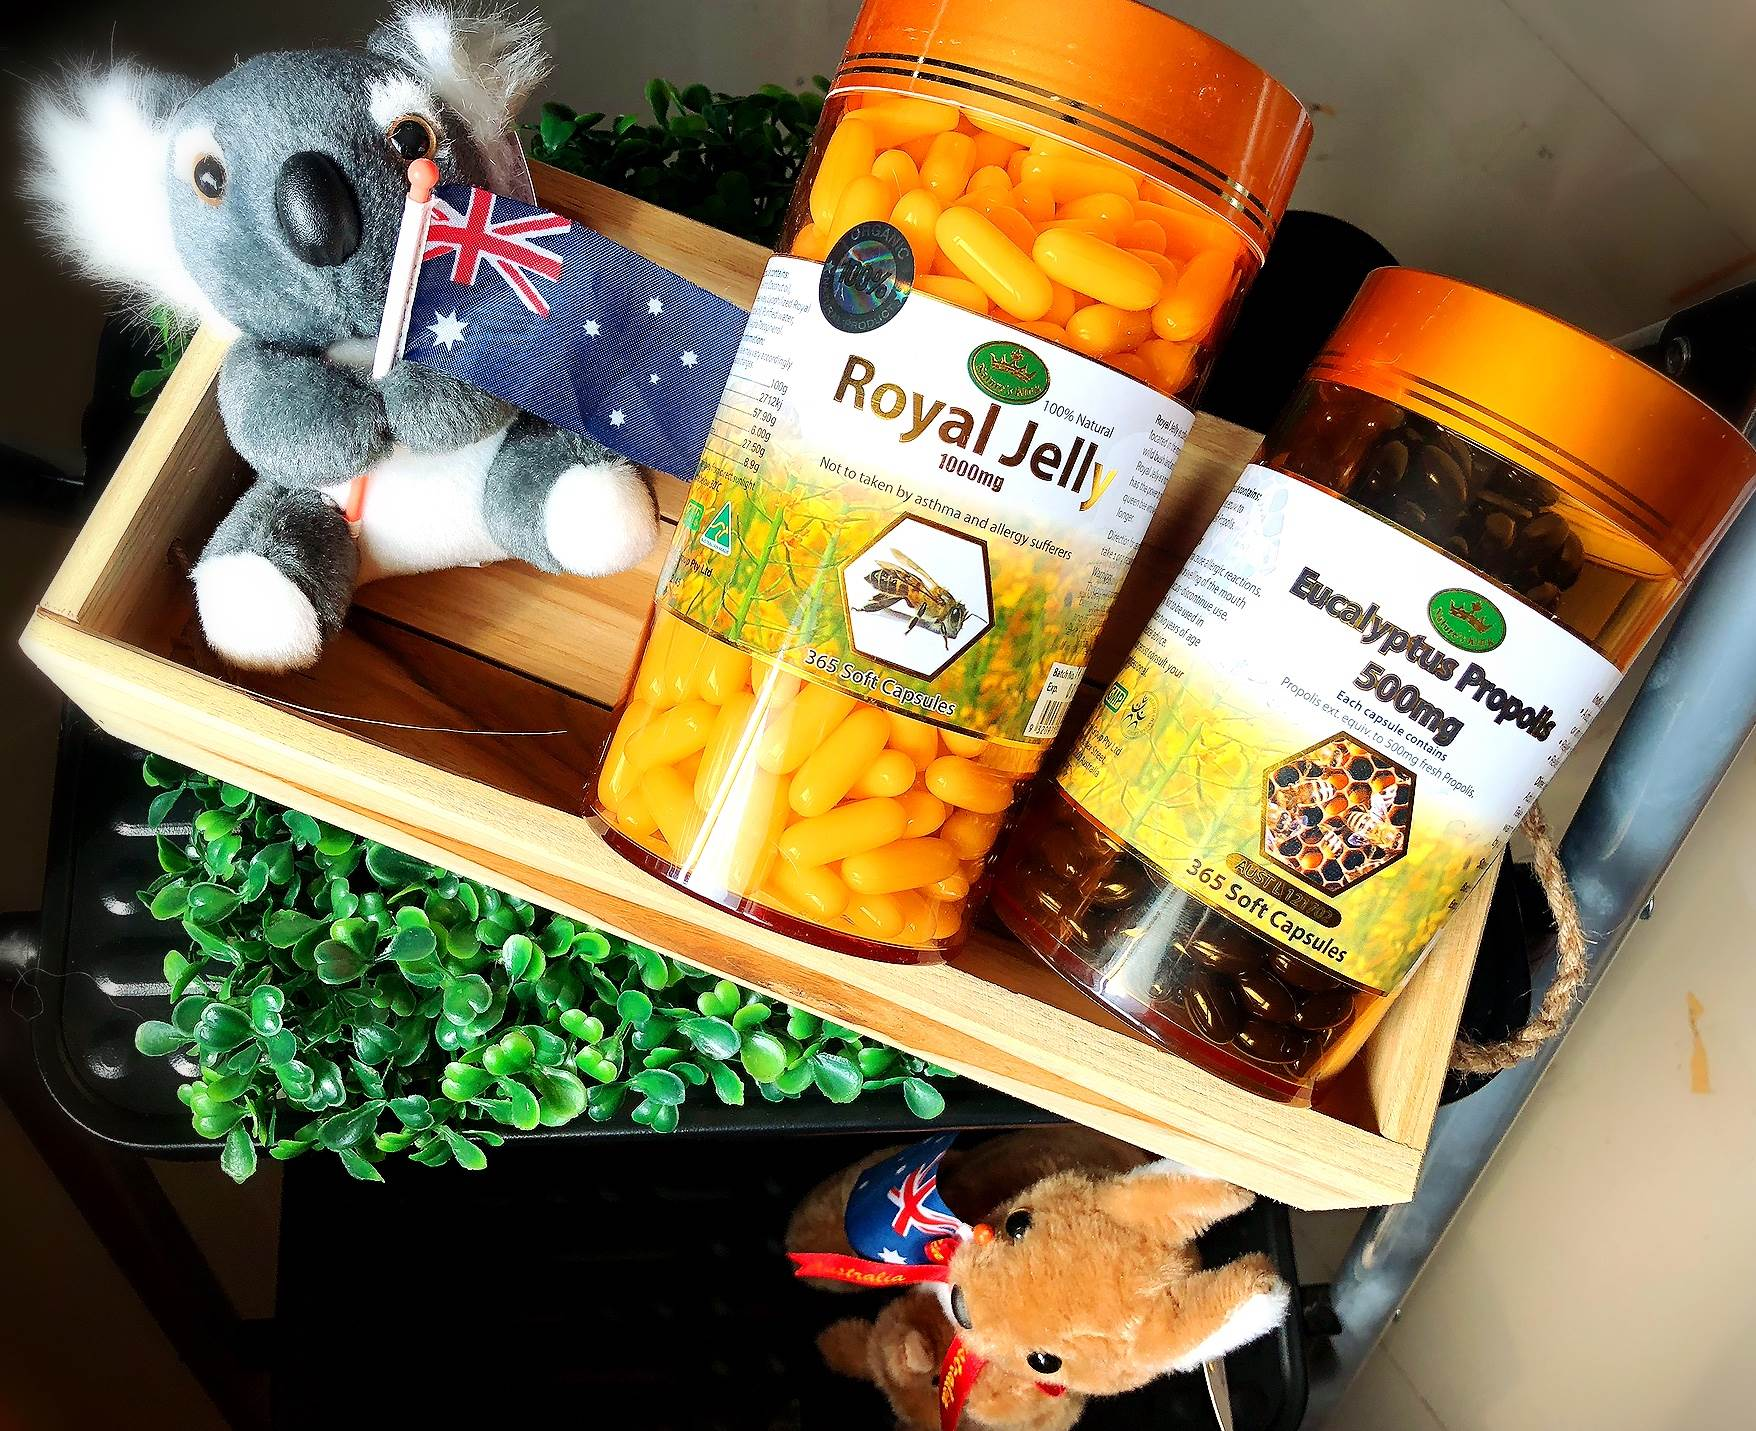 (ซื้อคู่ สุดคุ้ม) นมผึ้ง Nature king 365 เม็ด + propolis Nature king 365 เม็ด เสริมภูมิคุ้มกัน แก้ภูมิแพ้ รักษาสิวด้วยวิธีธรรมชาติ